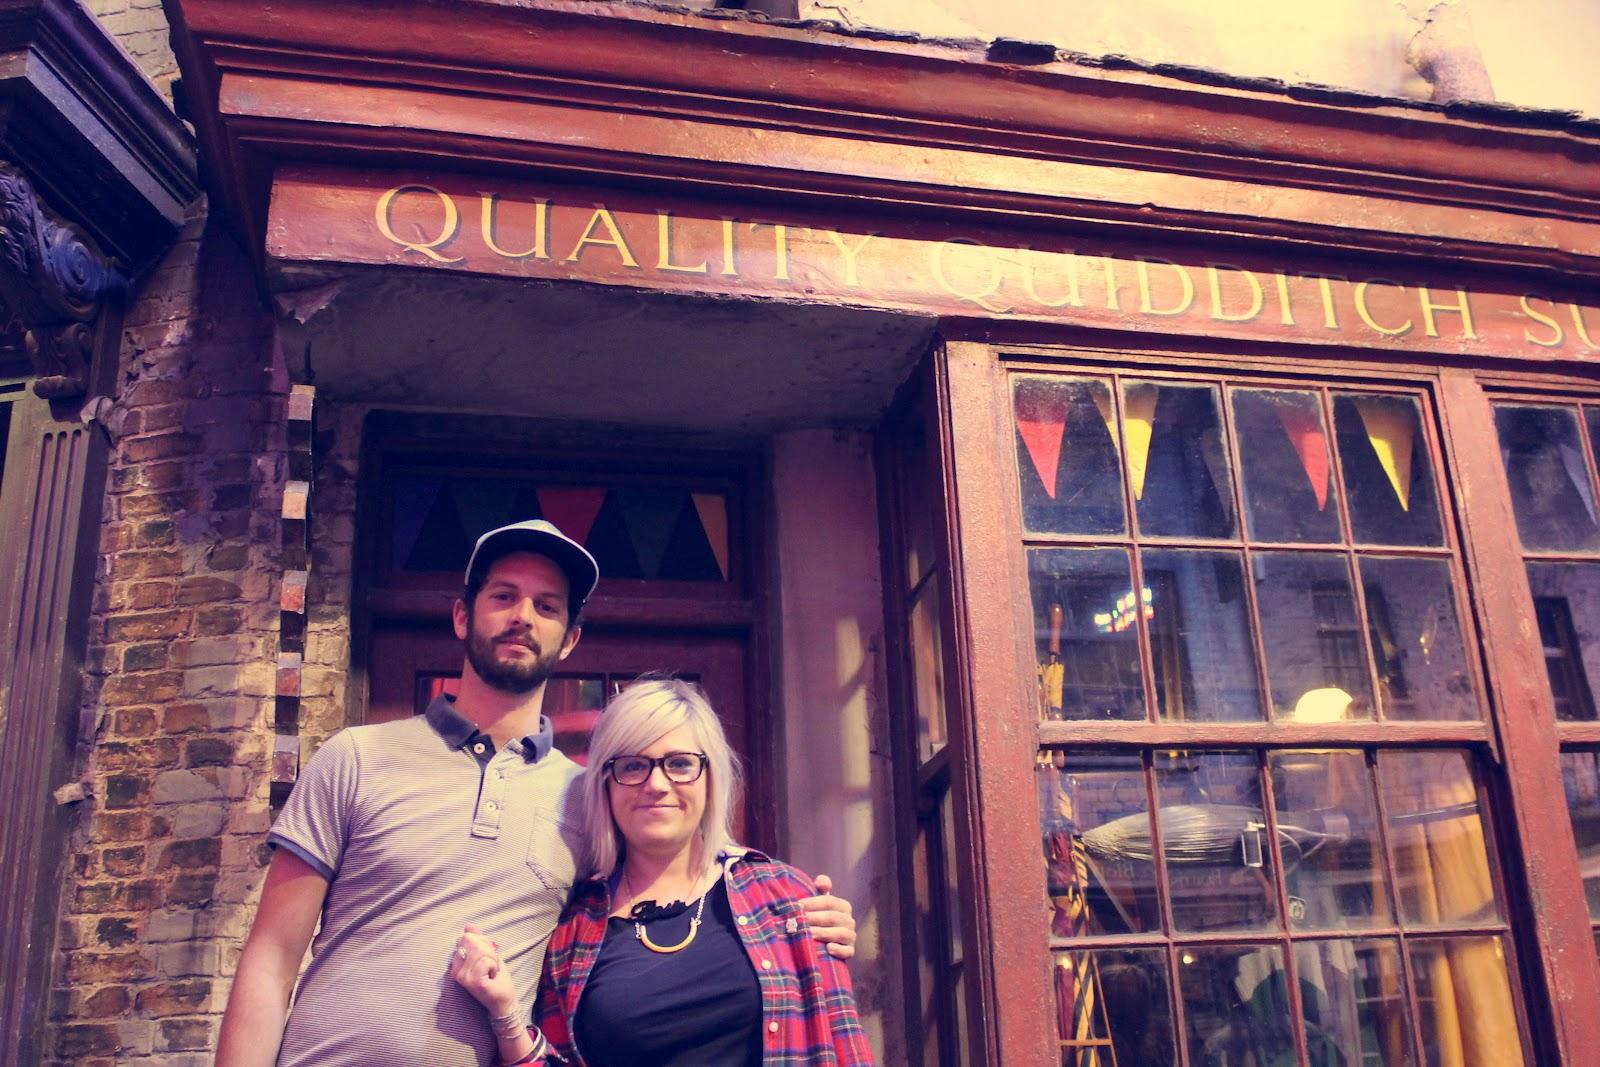 quidditch shop harry potter